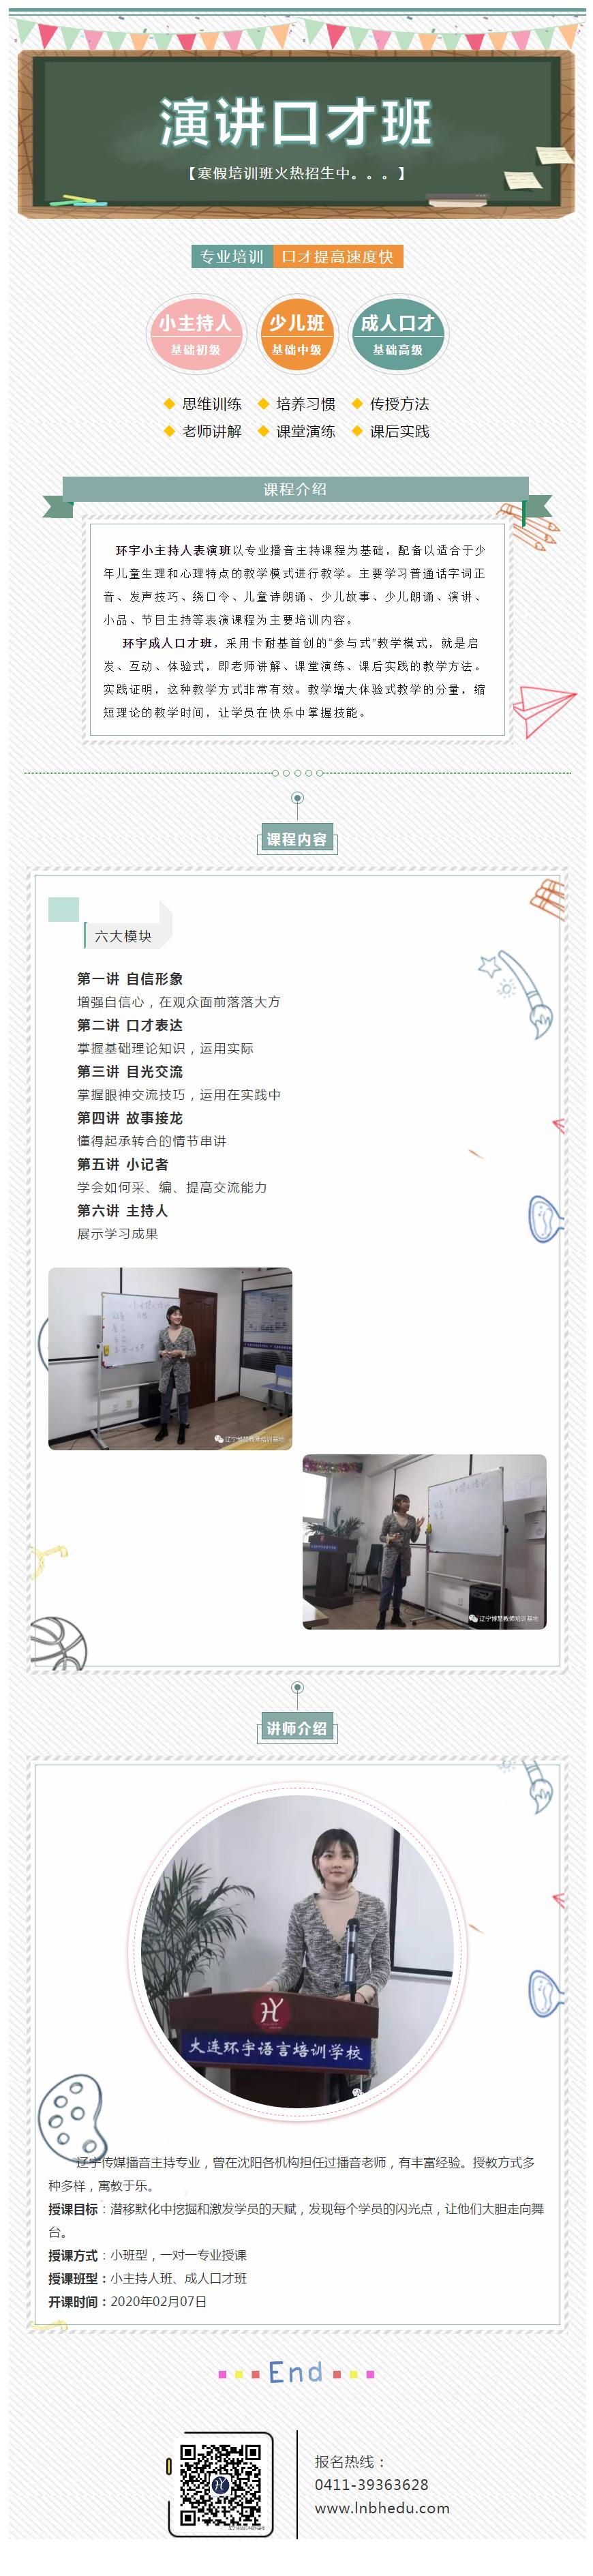 博慧小主持人班、演讲与口才班:寒假班招生中